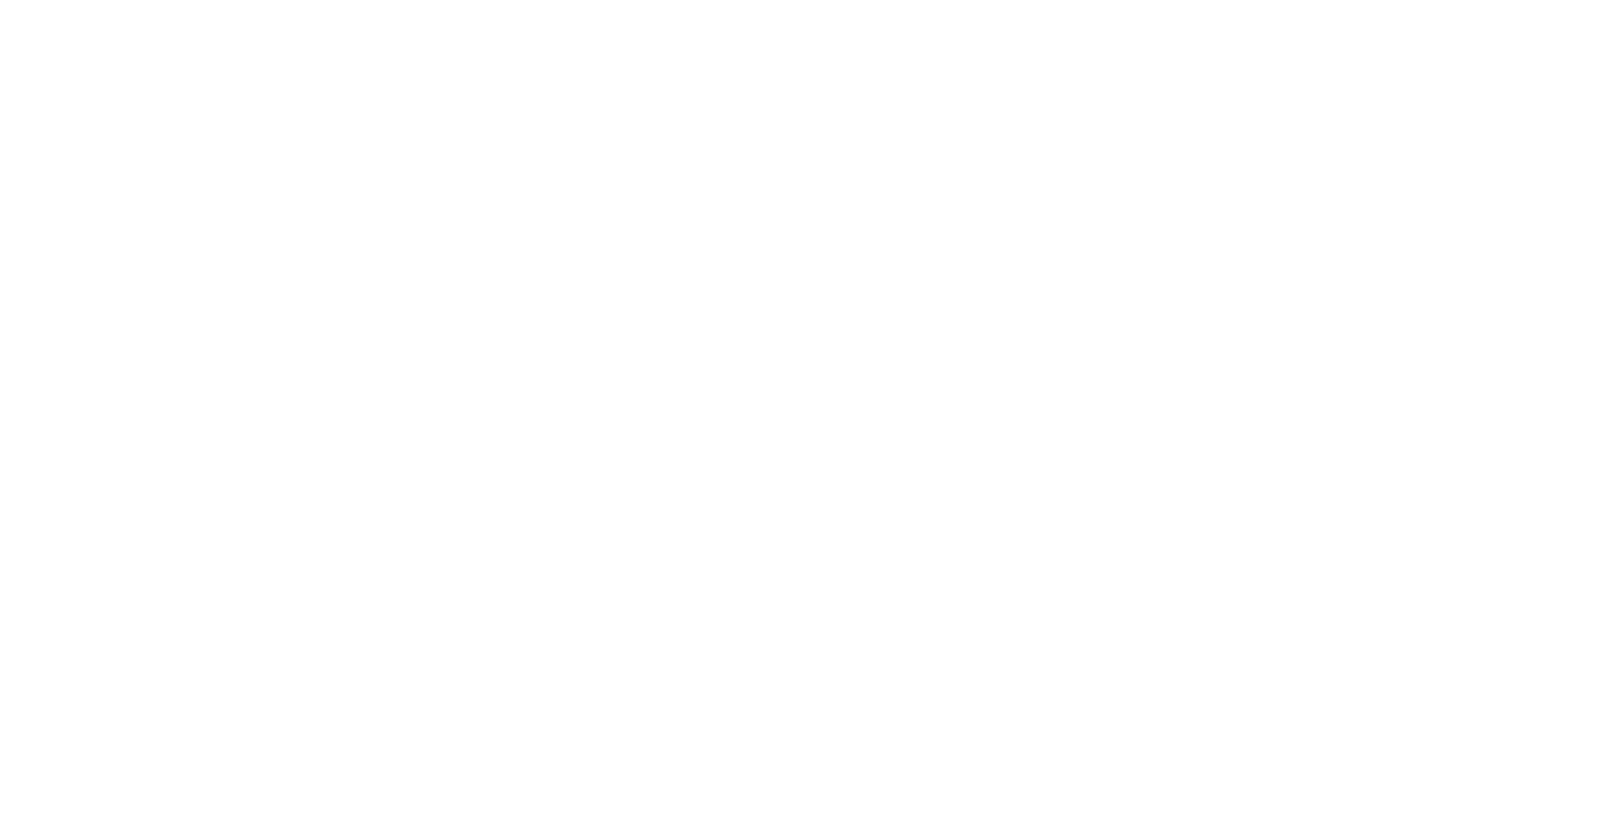 DRPG_logo_Agency_MASTER_WHITE